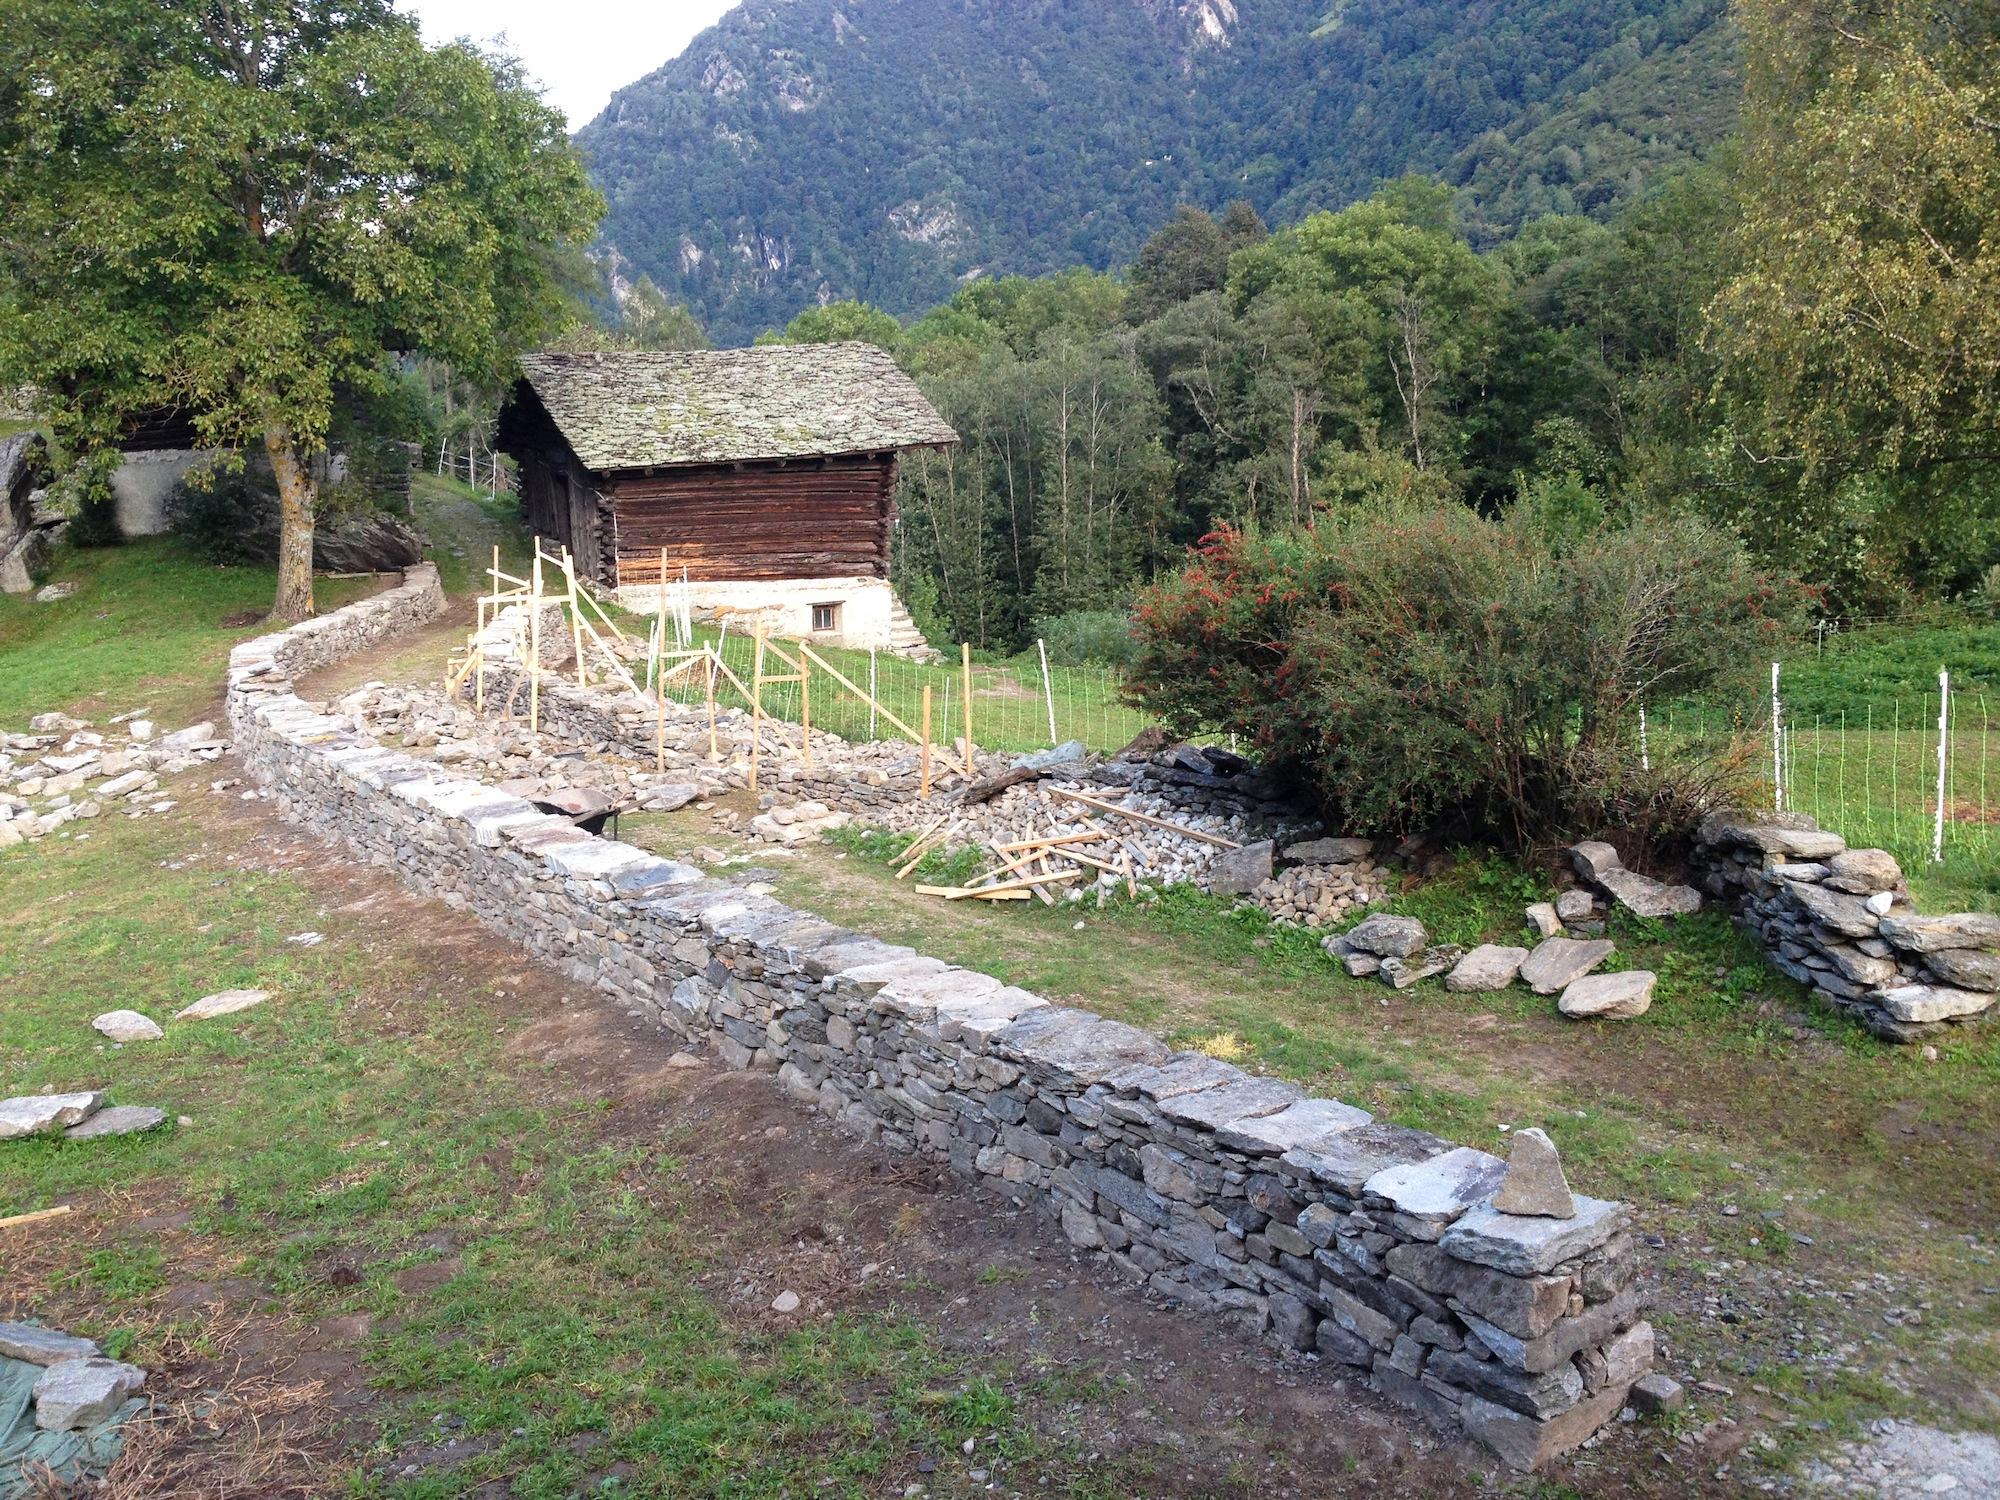 Im Gegensatz zum Jura sind in den Alpen viele Mauern mit besonders schweren und liegenden Decksteinen abgedeckt.